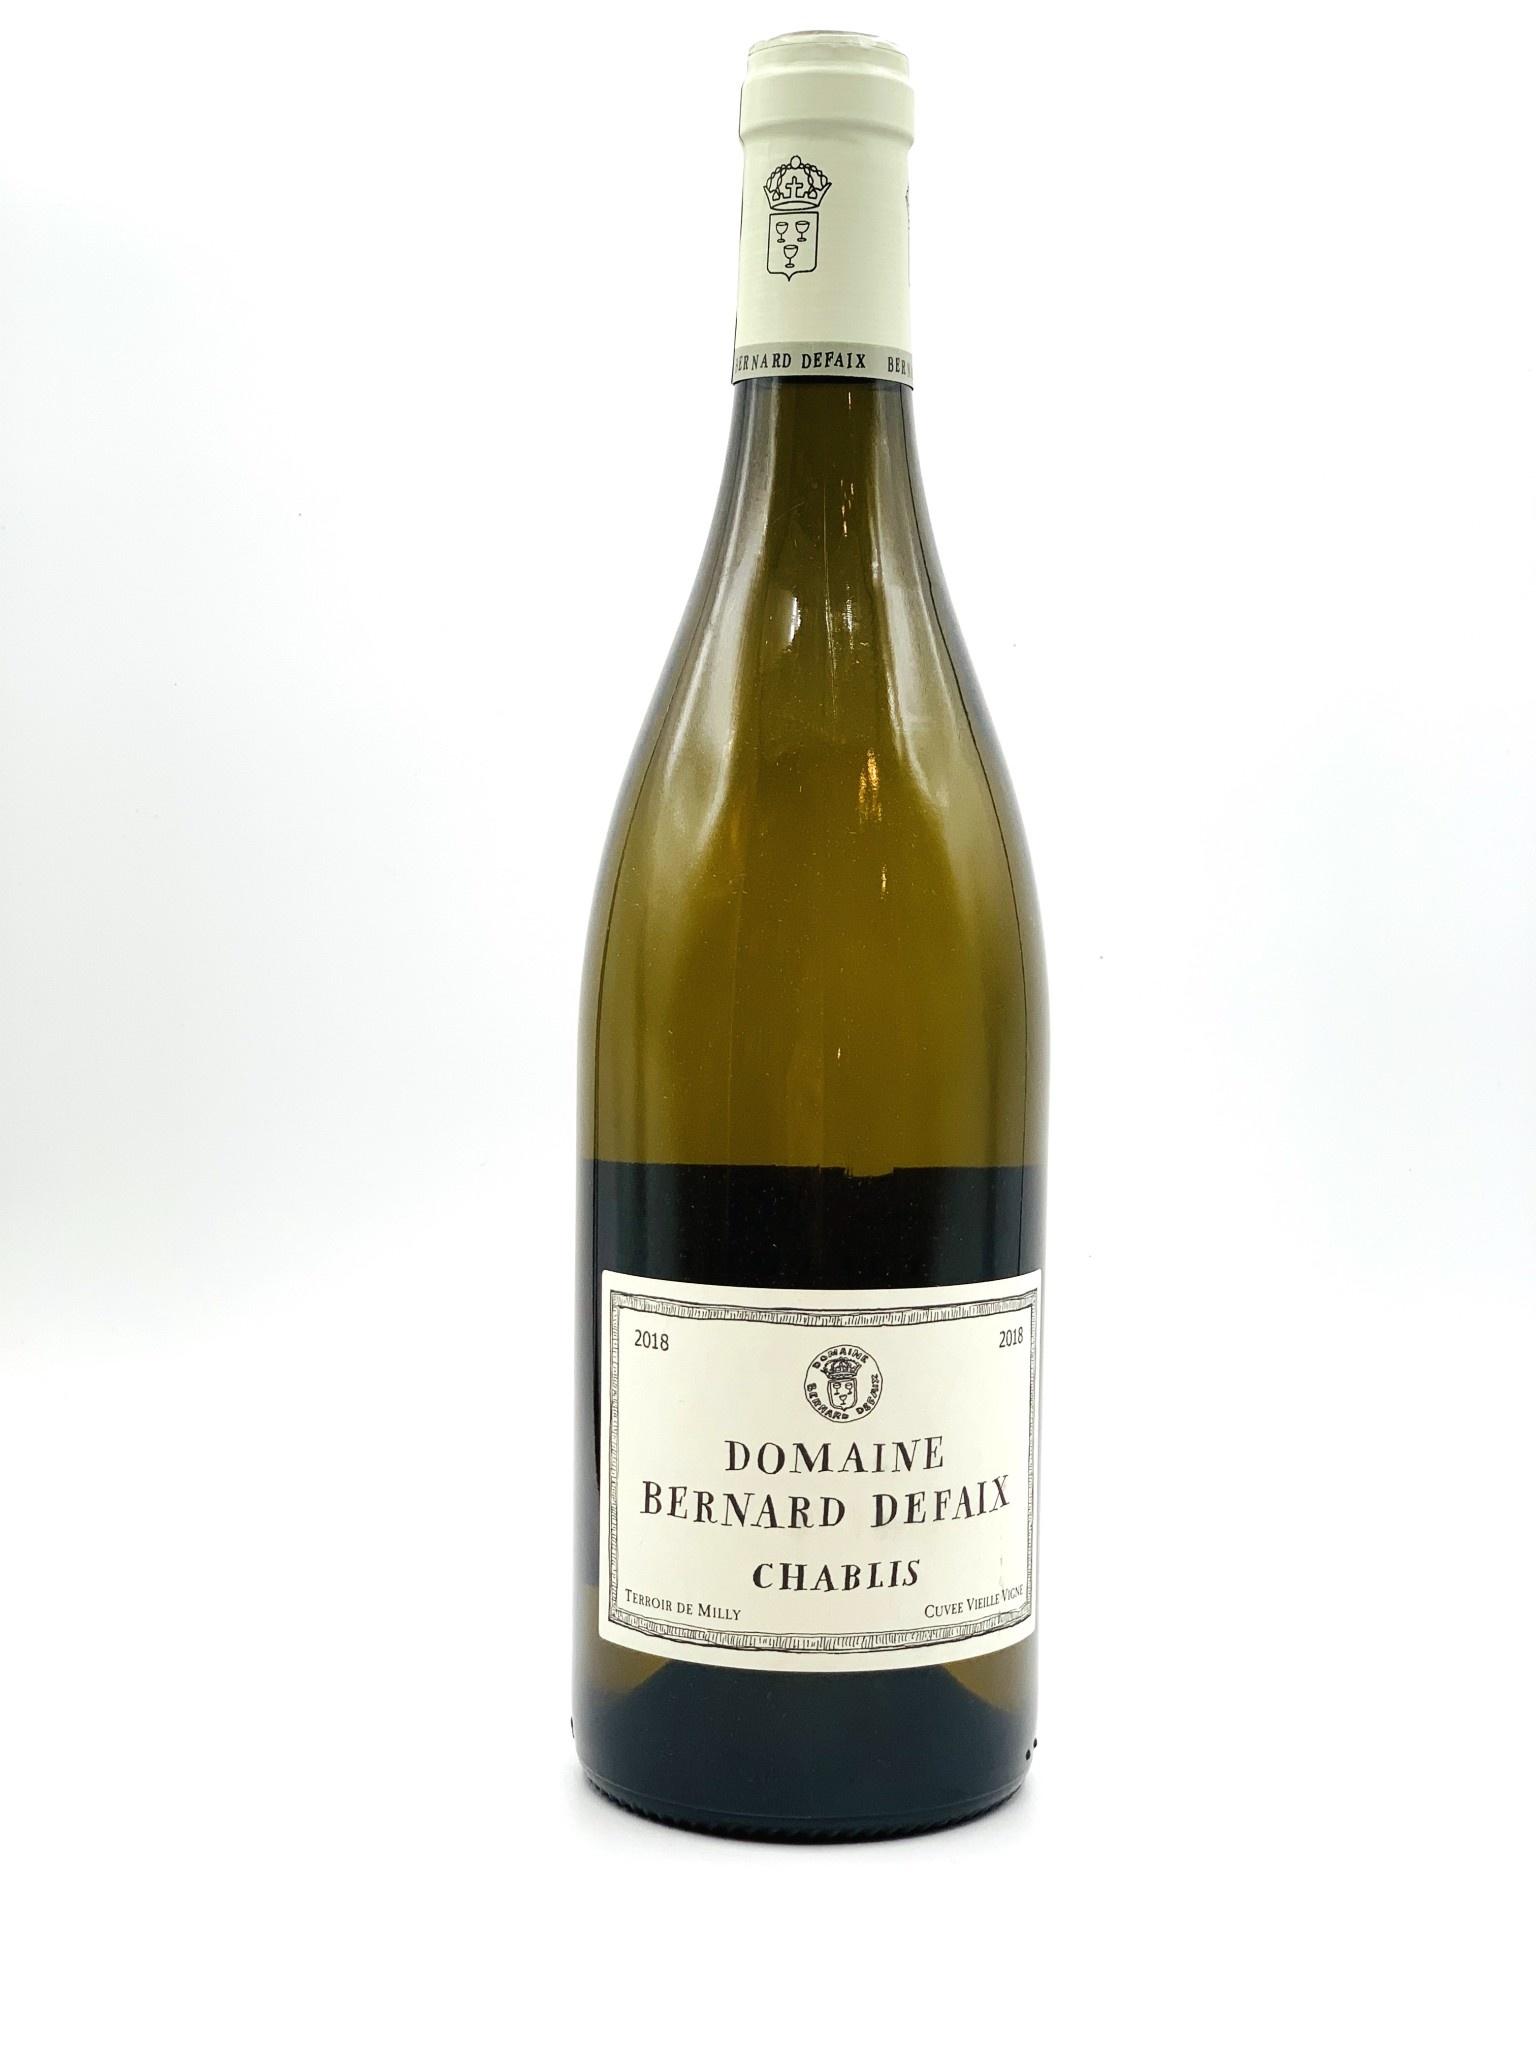 Chablis Vieille Vigne 2018 Domaine Bernard Defaix